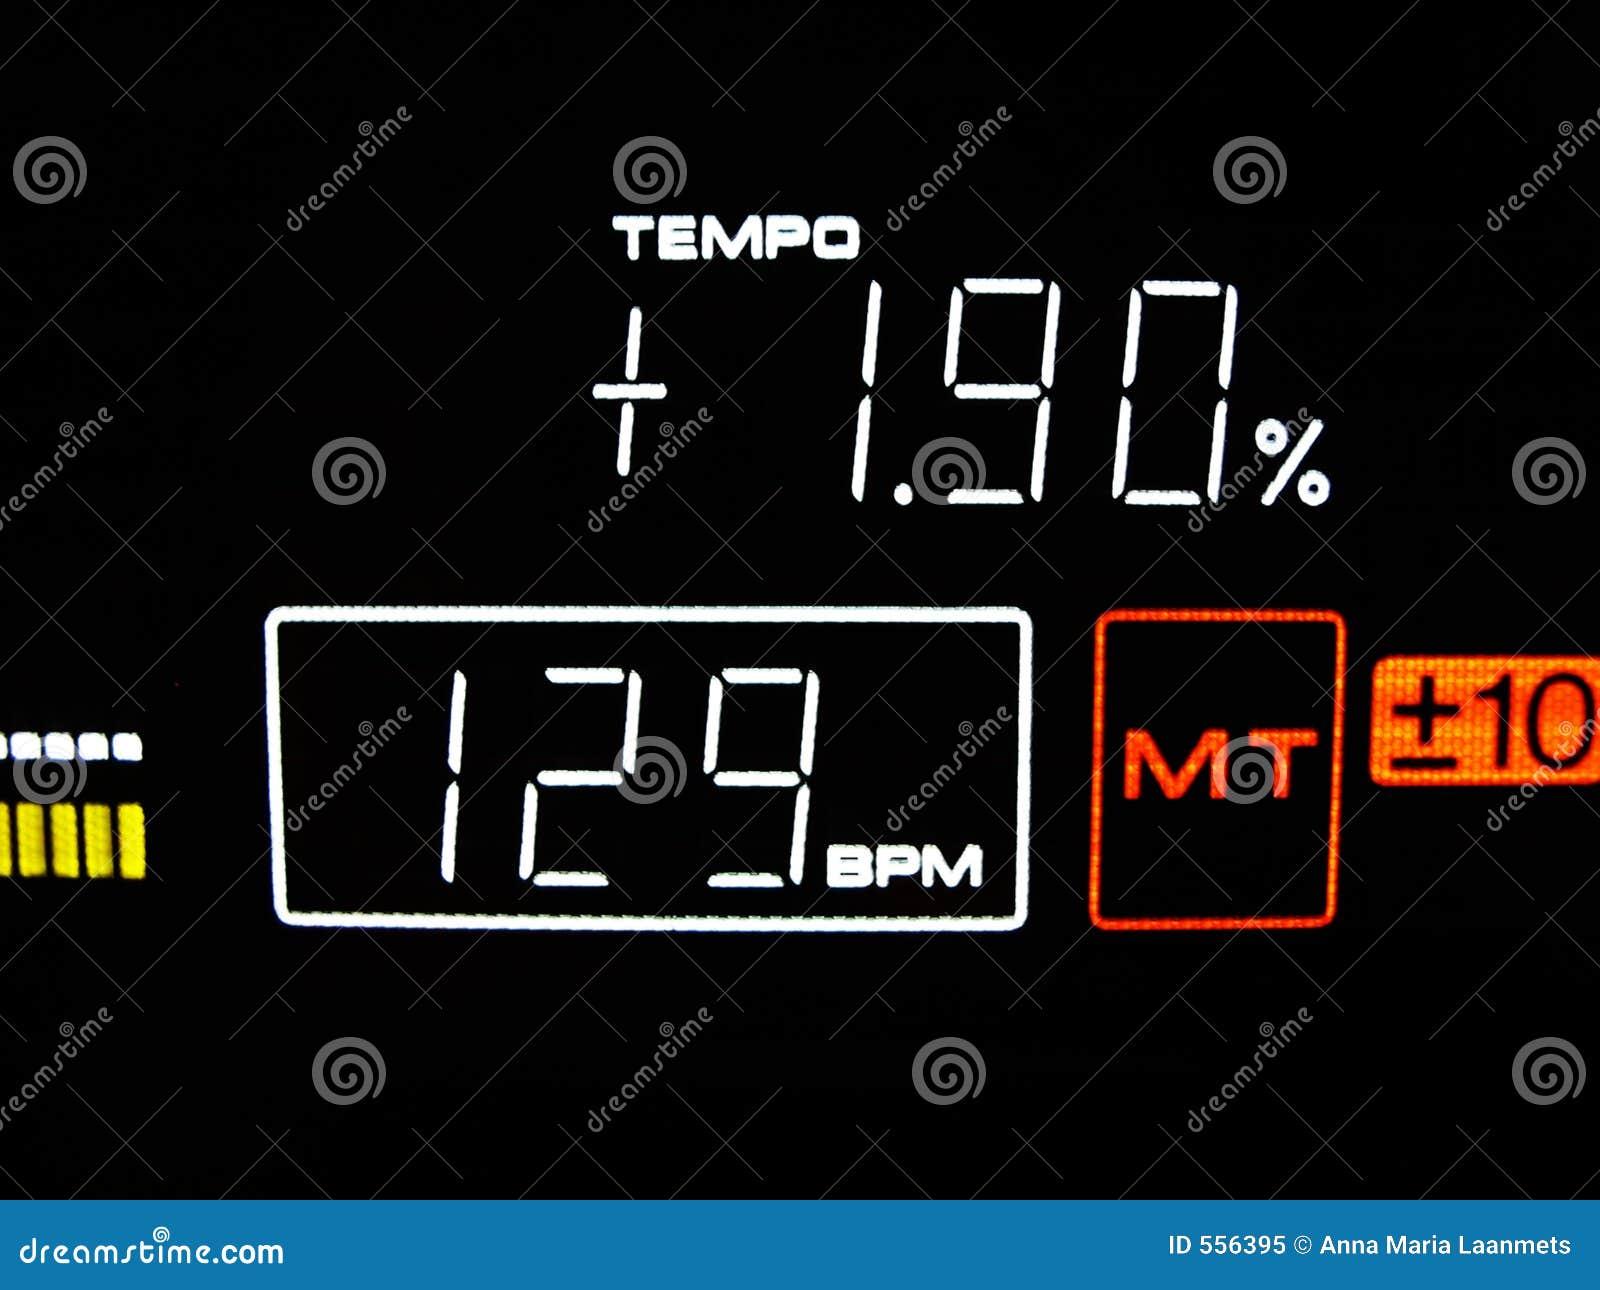 Tempo för 129 bpm